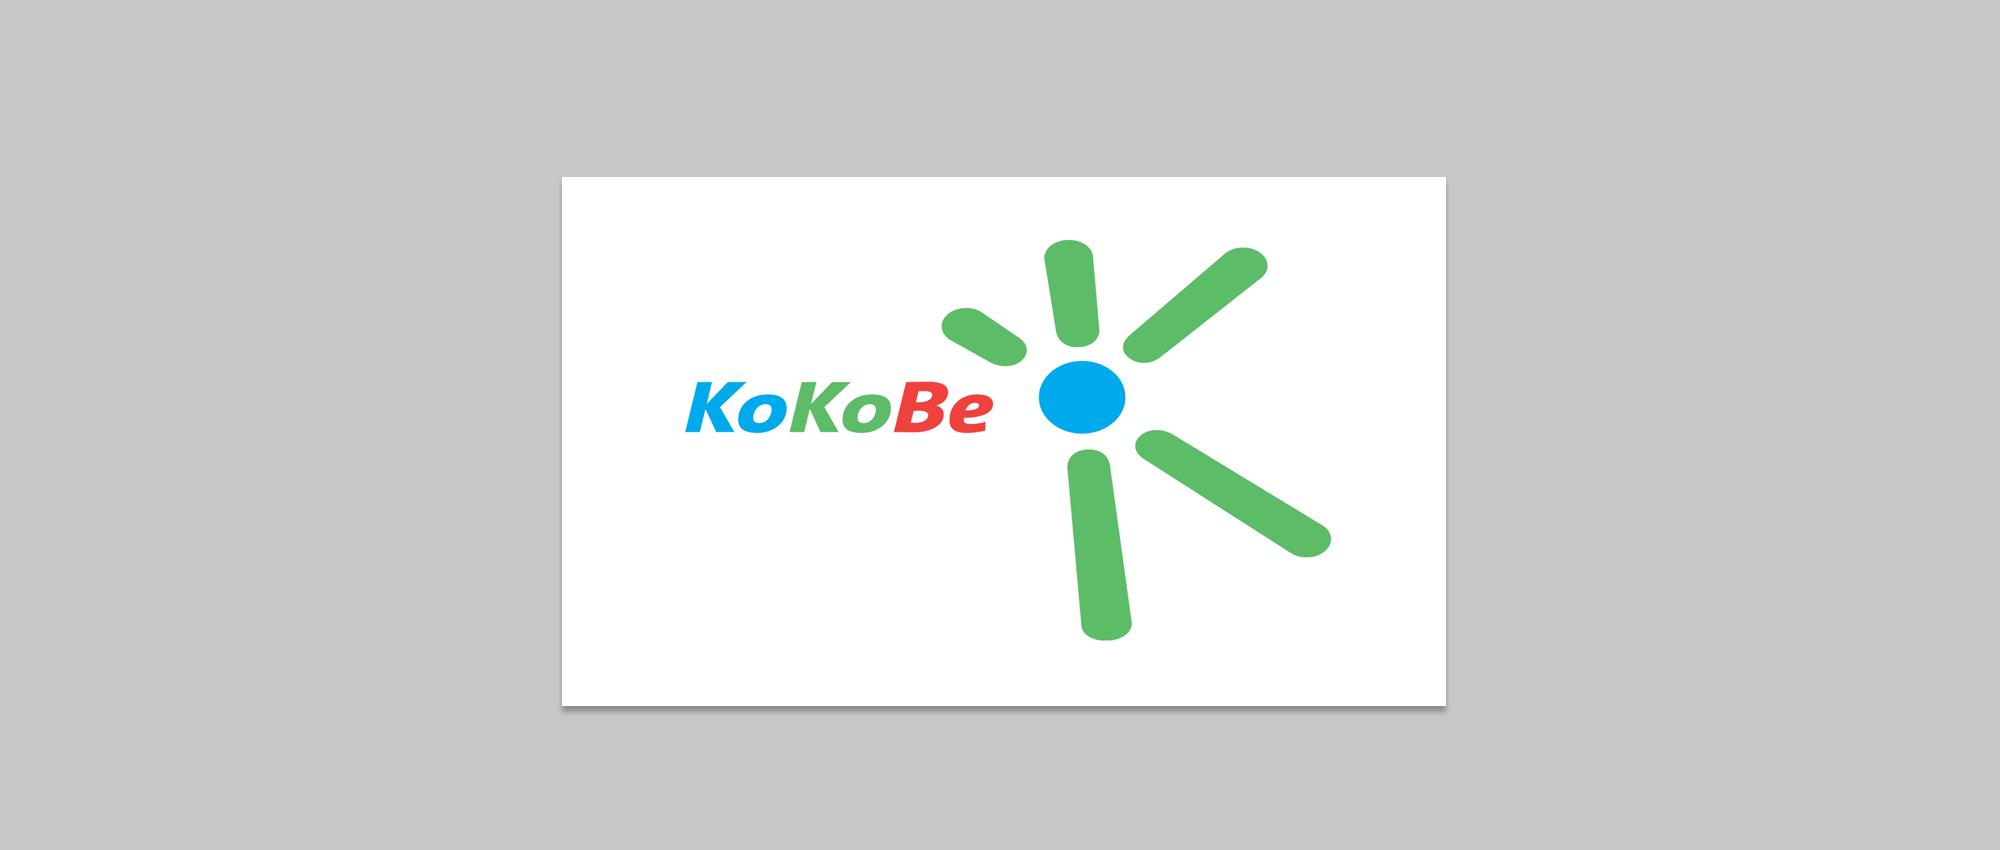 Abbildung des KoKoBe Logos